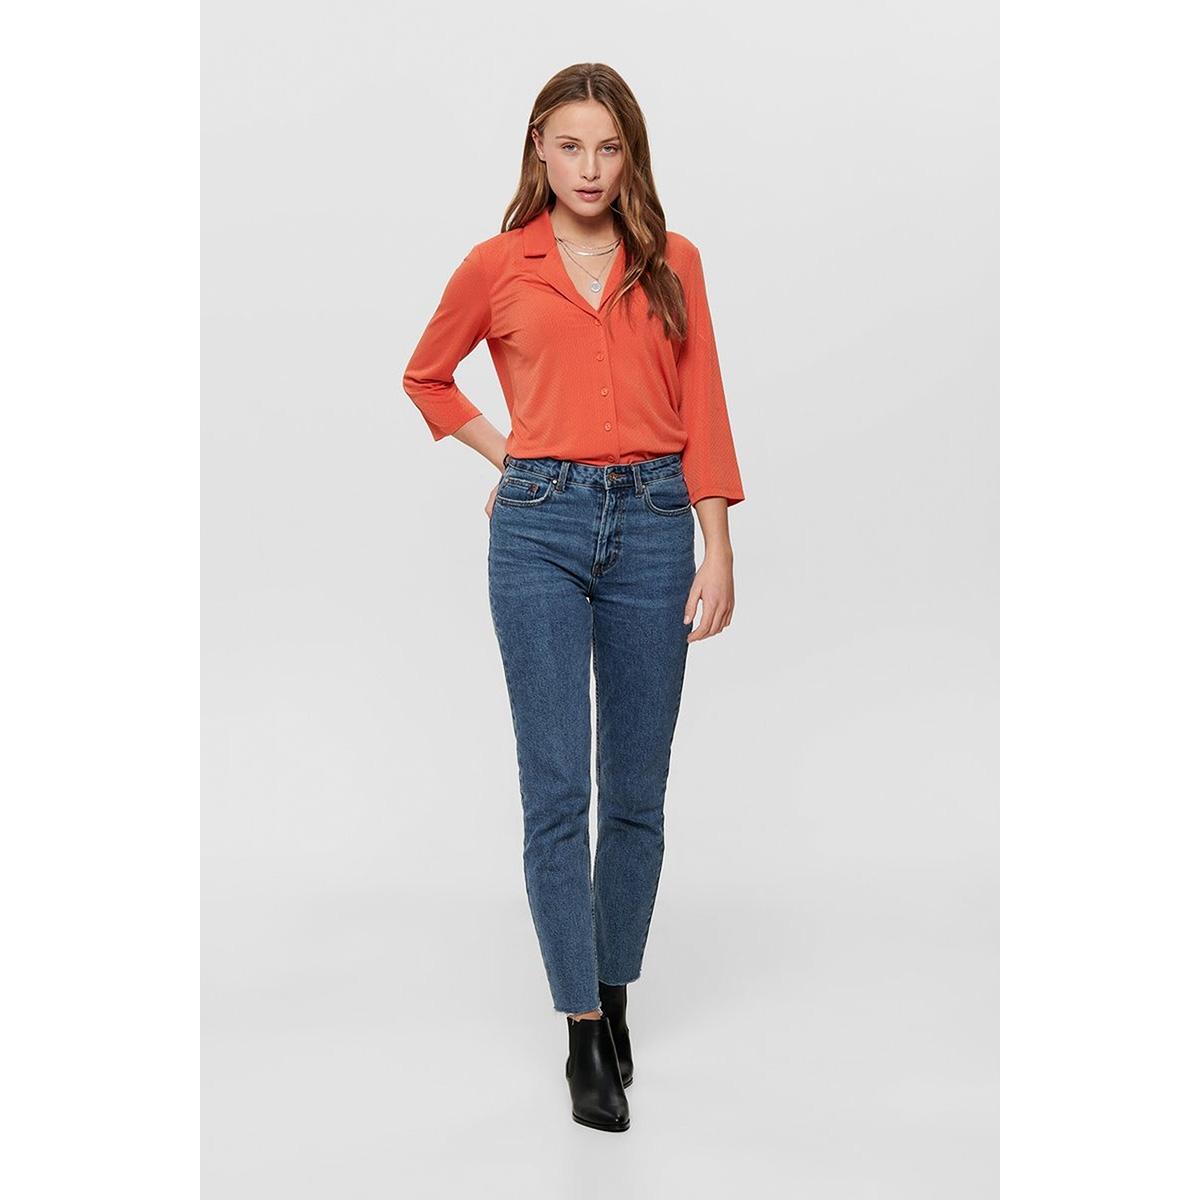 jdywellina 3/4  button top jrs 15196880 jacqueline de yong blouse chili/dtm button